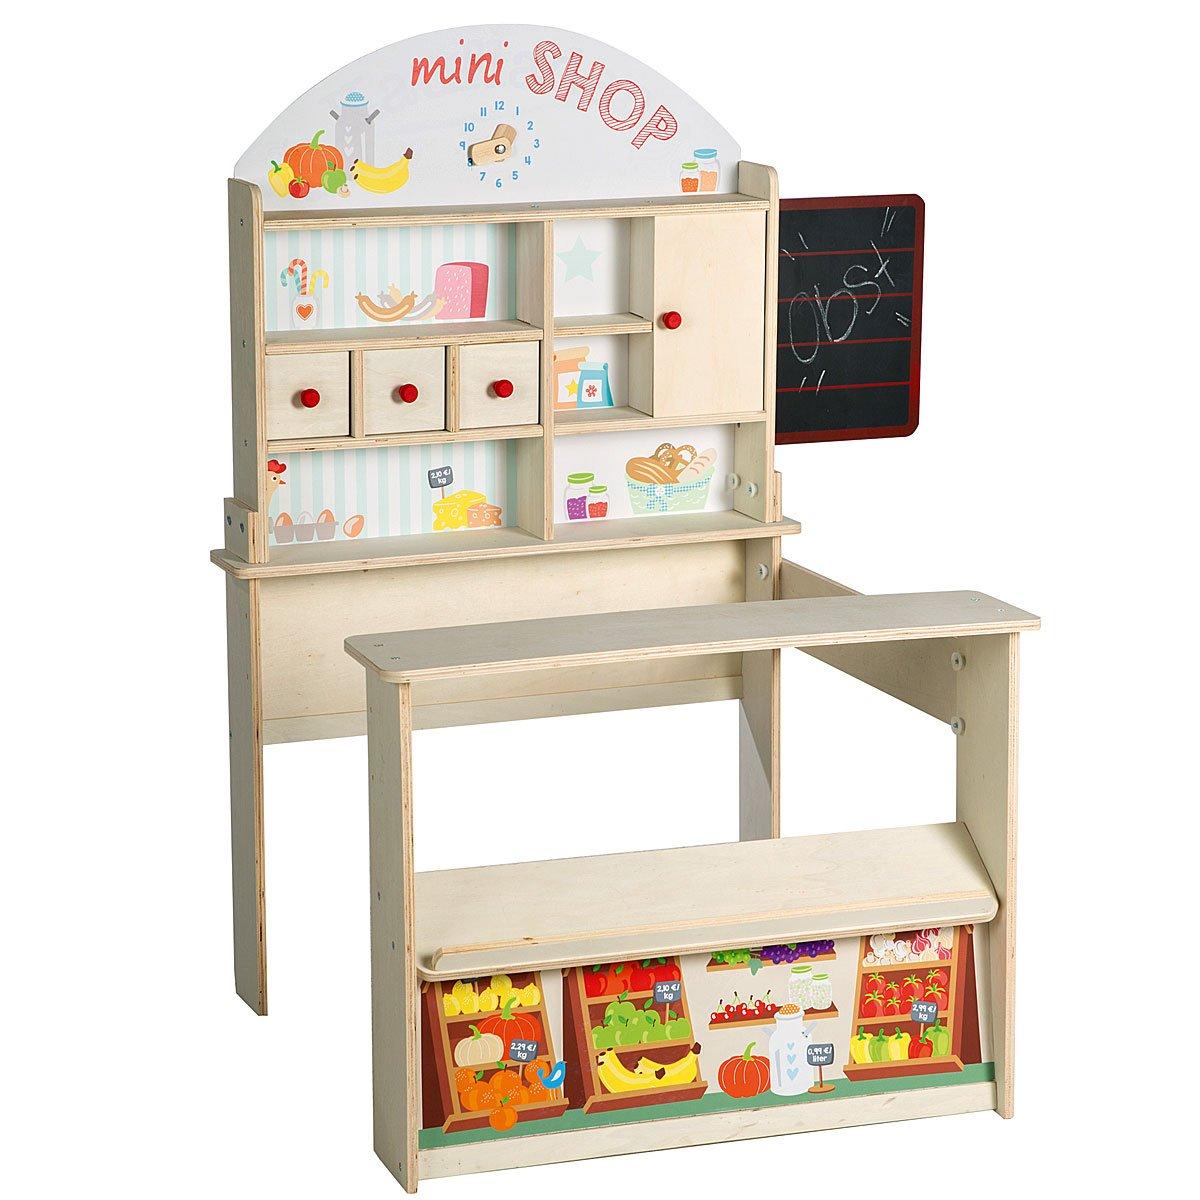 Kaufladen holz - roba Kaufladen Minishop